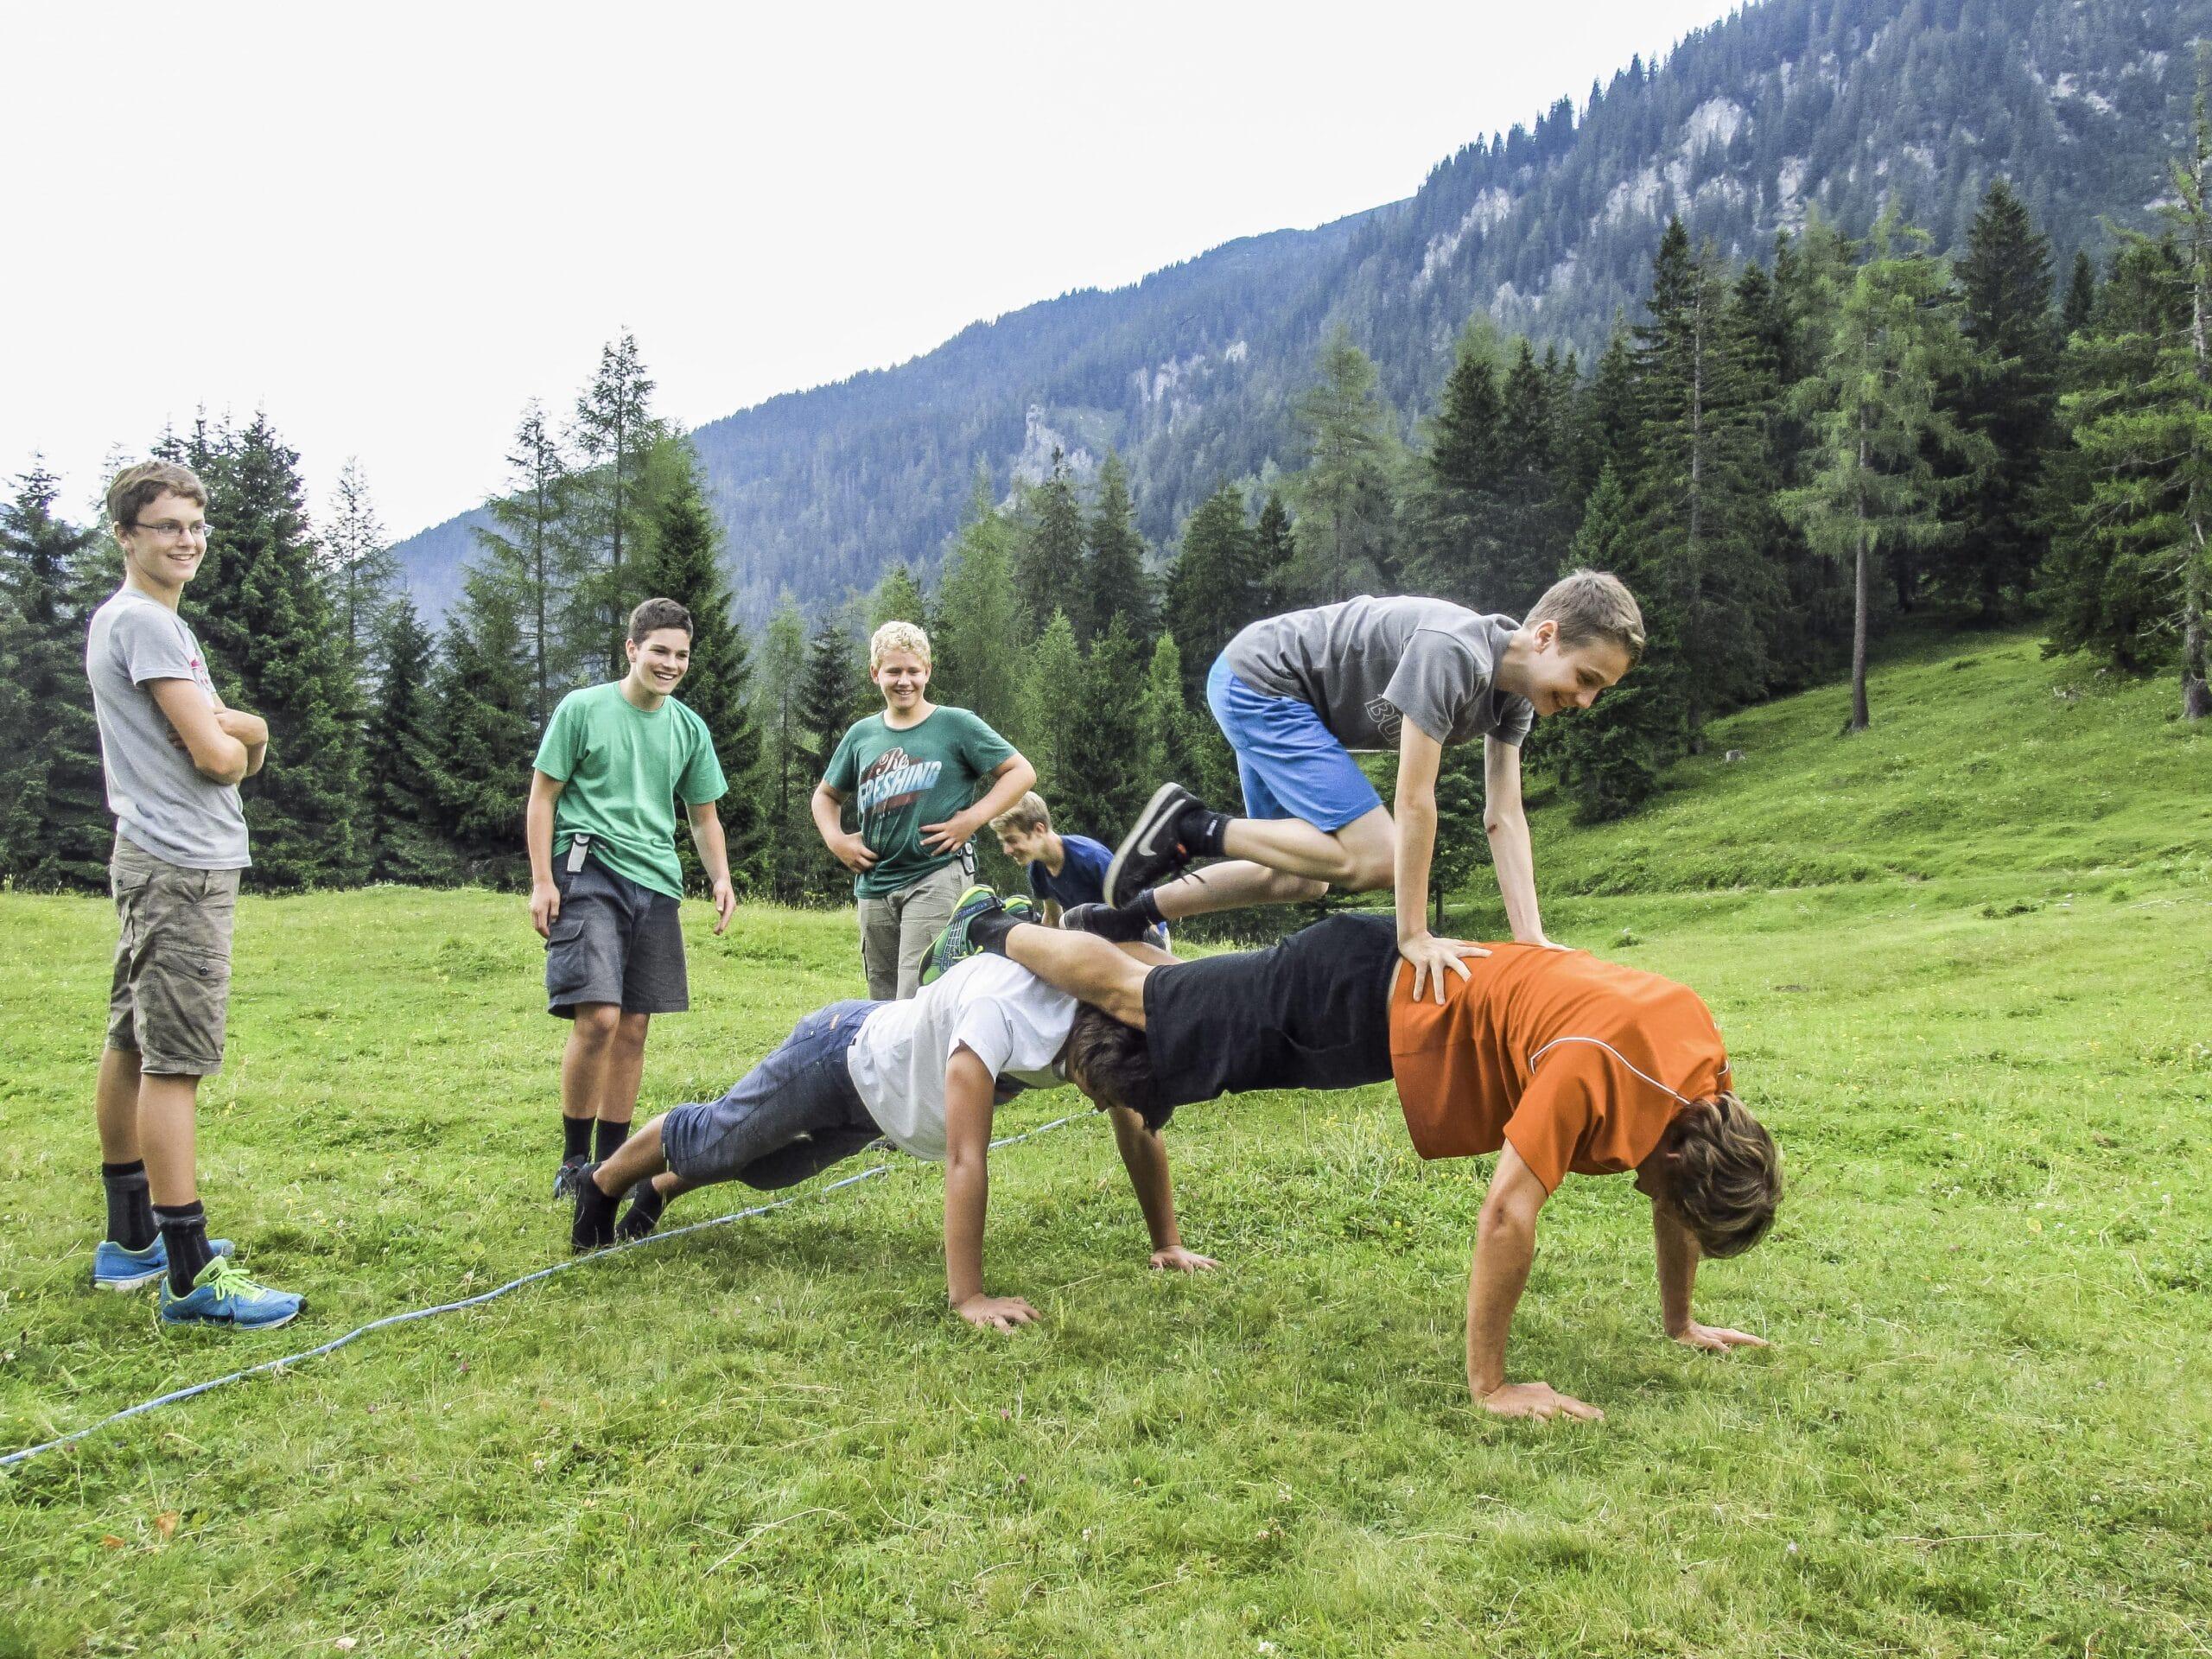 Spiele_in_der_ Natur_c_Nationalpark_Gesaeuse_GmbH_Raimund_ Reiter-min